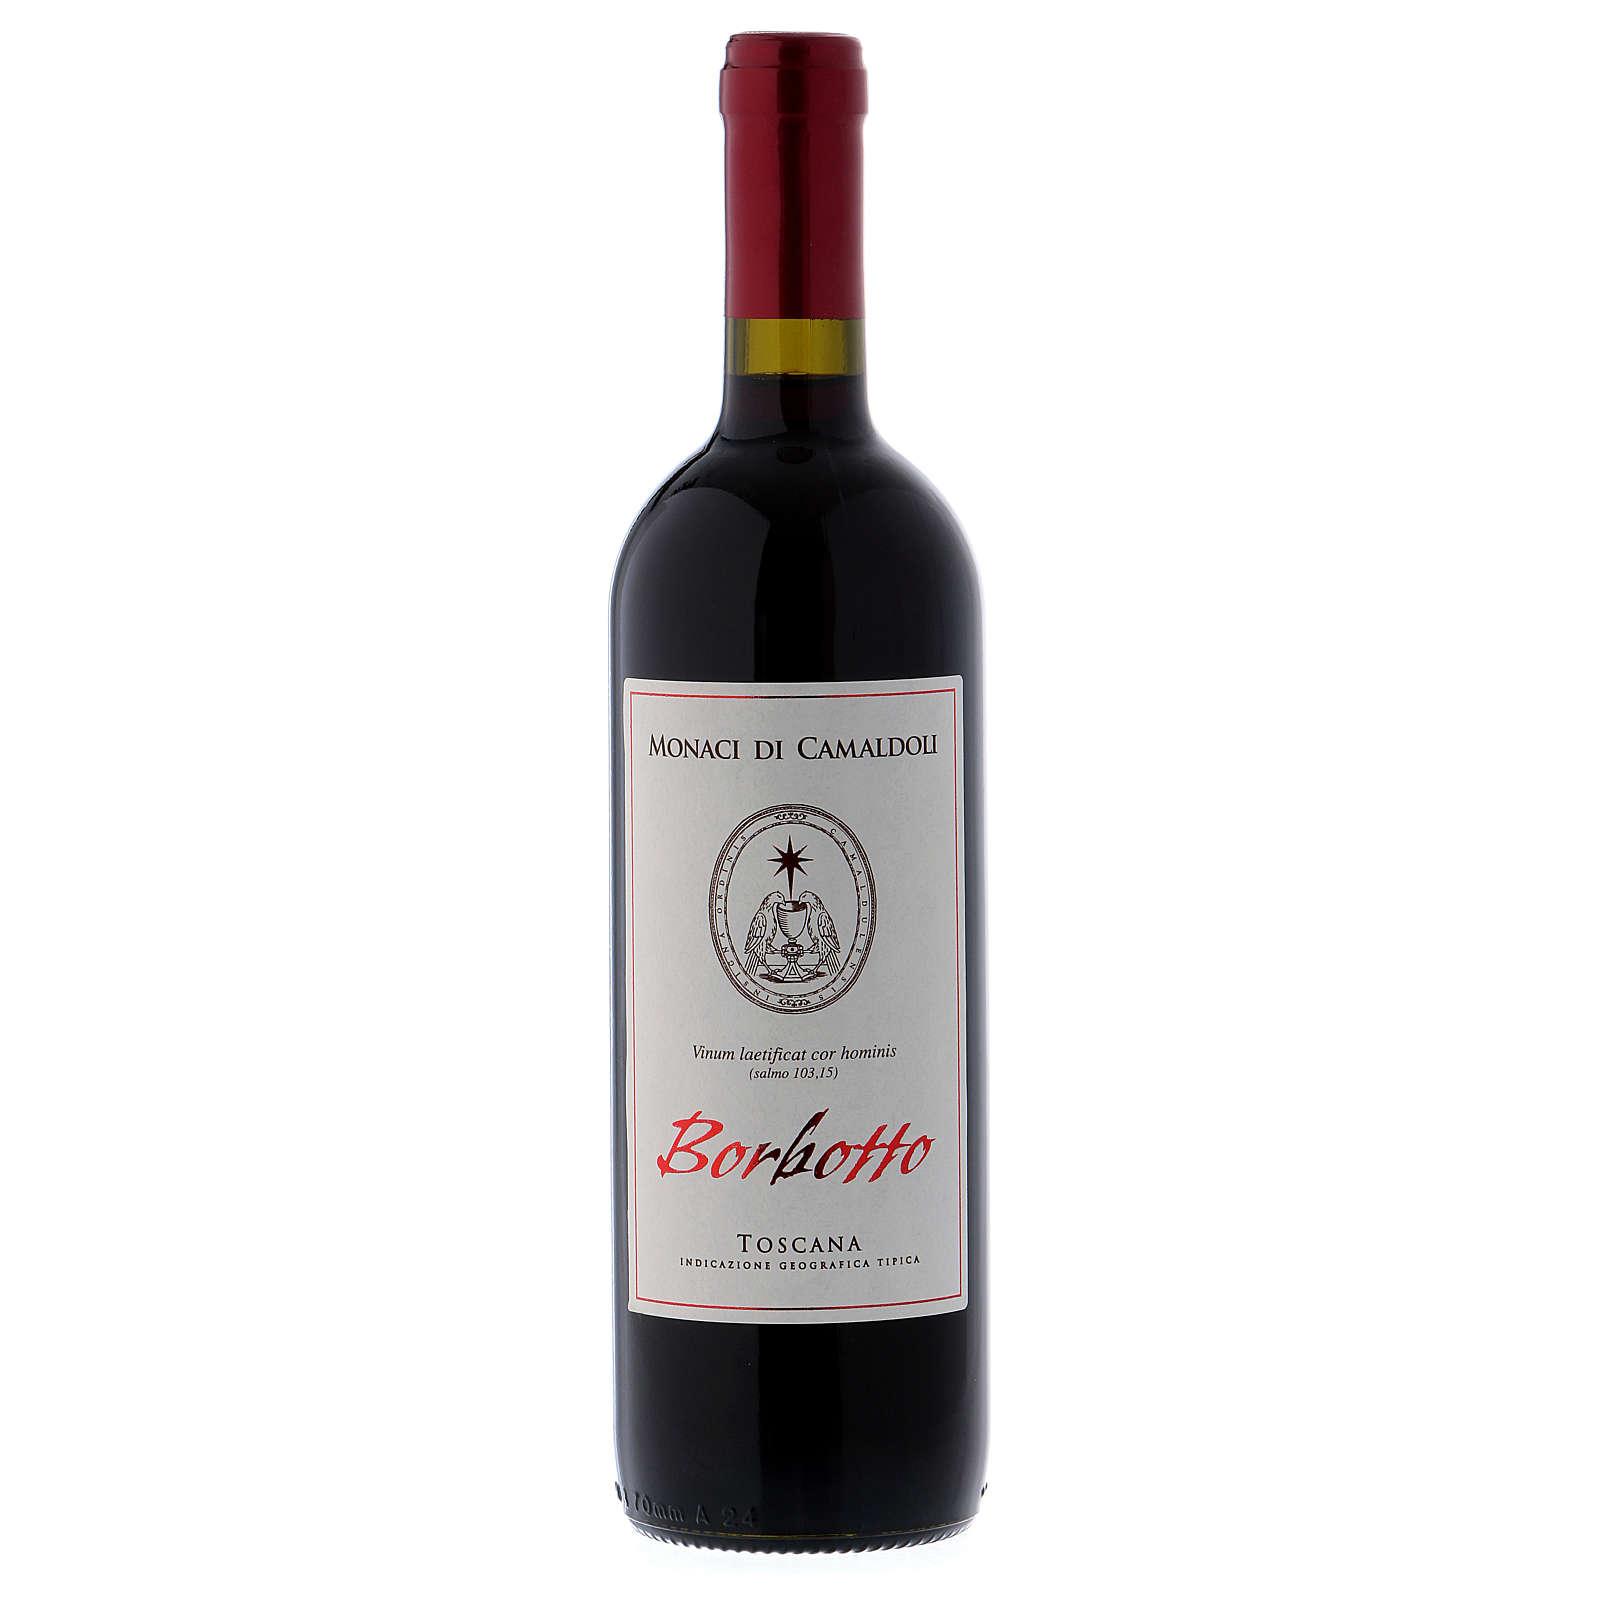 Vino rosso toscano Borbotto 750 ml. 2016 3